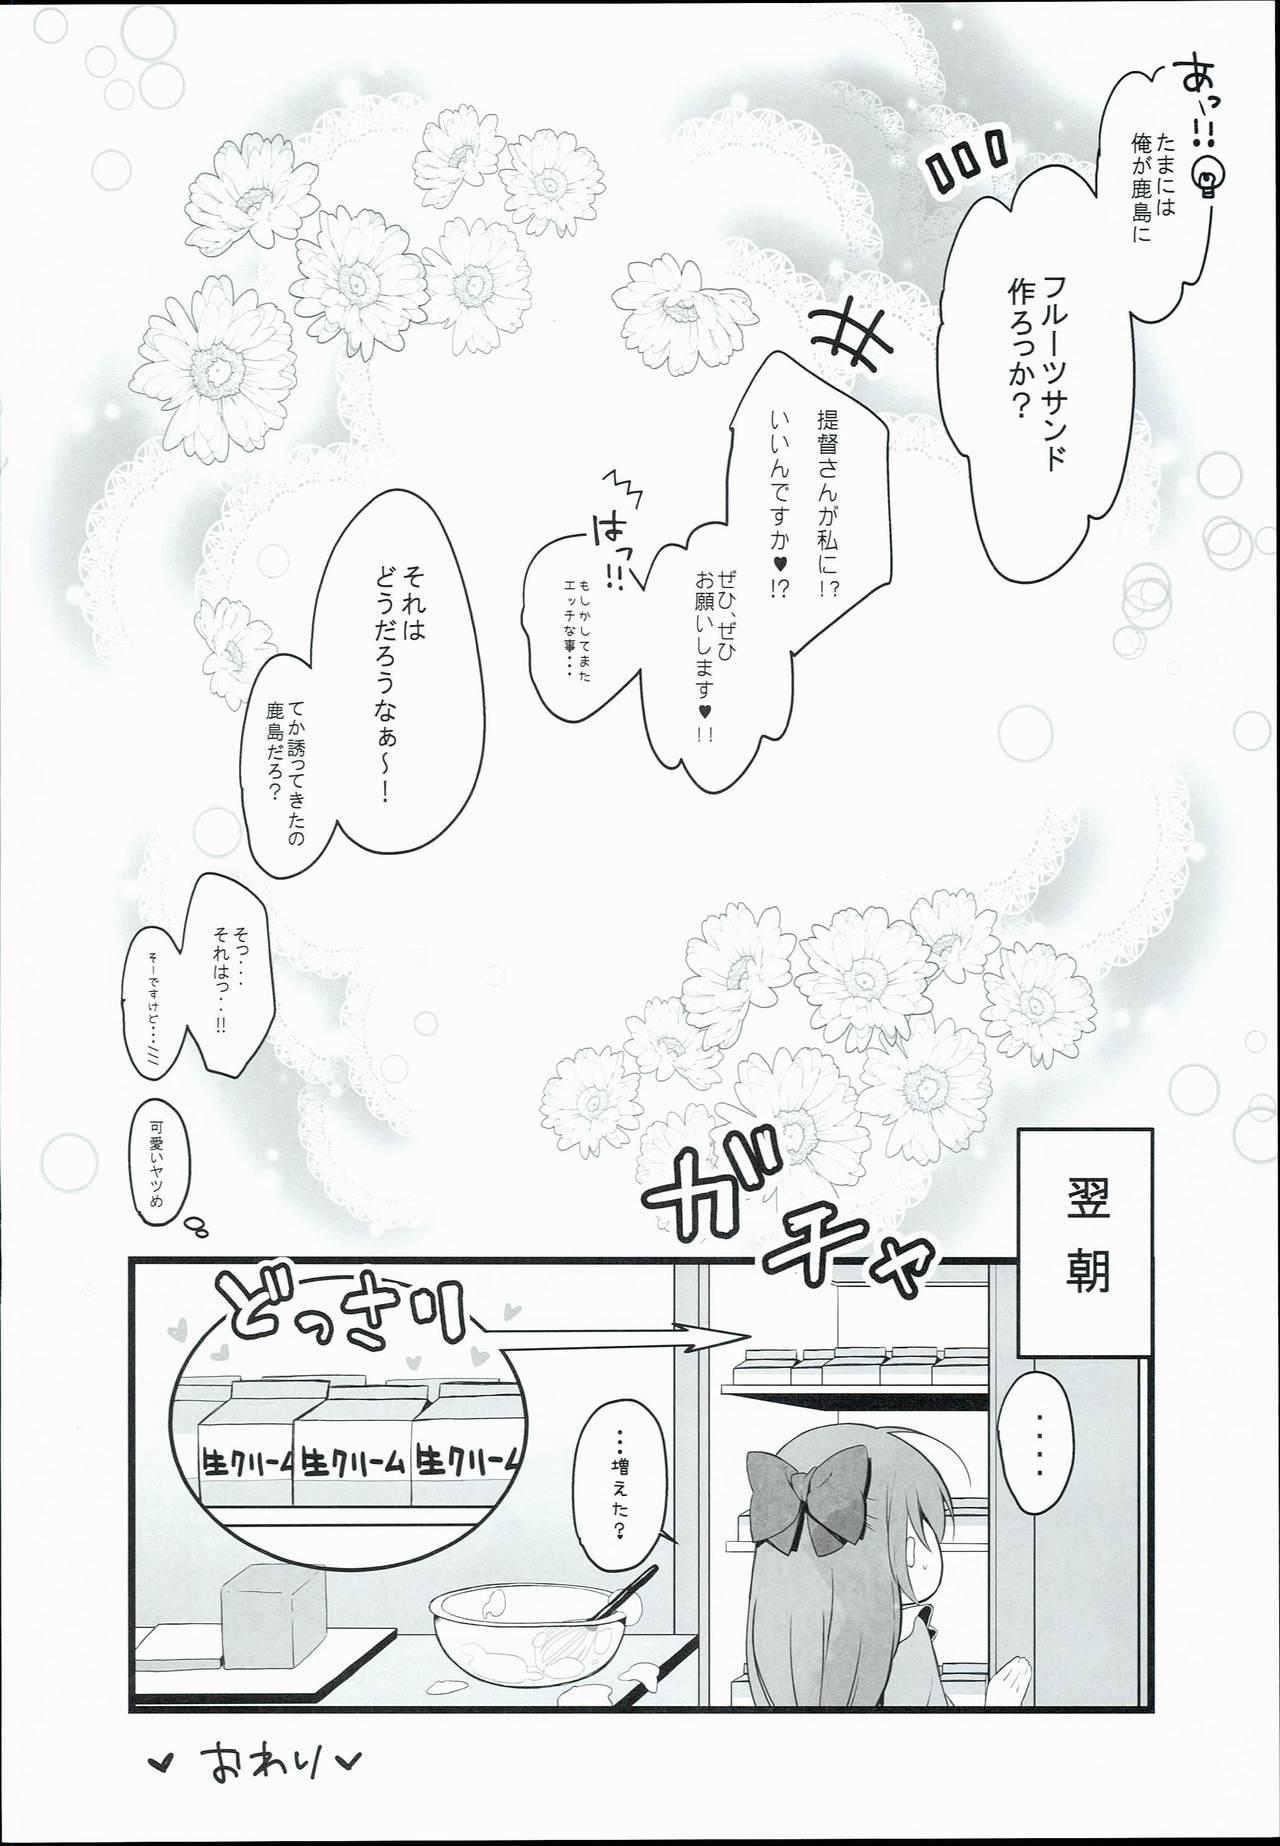 Kashima Tokusei Fruit Sandwich Meshiagare 19